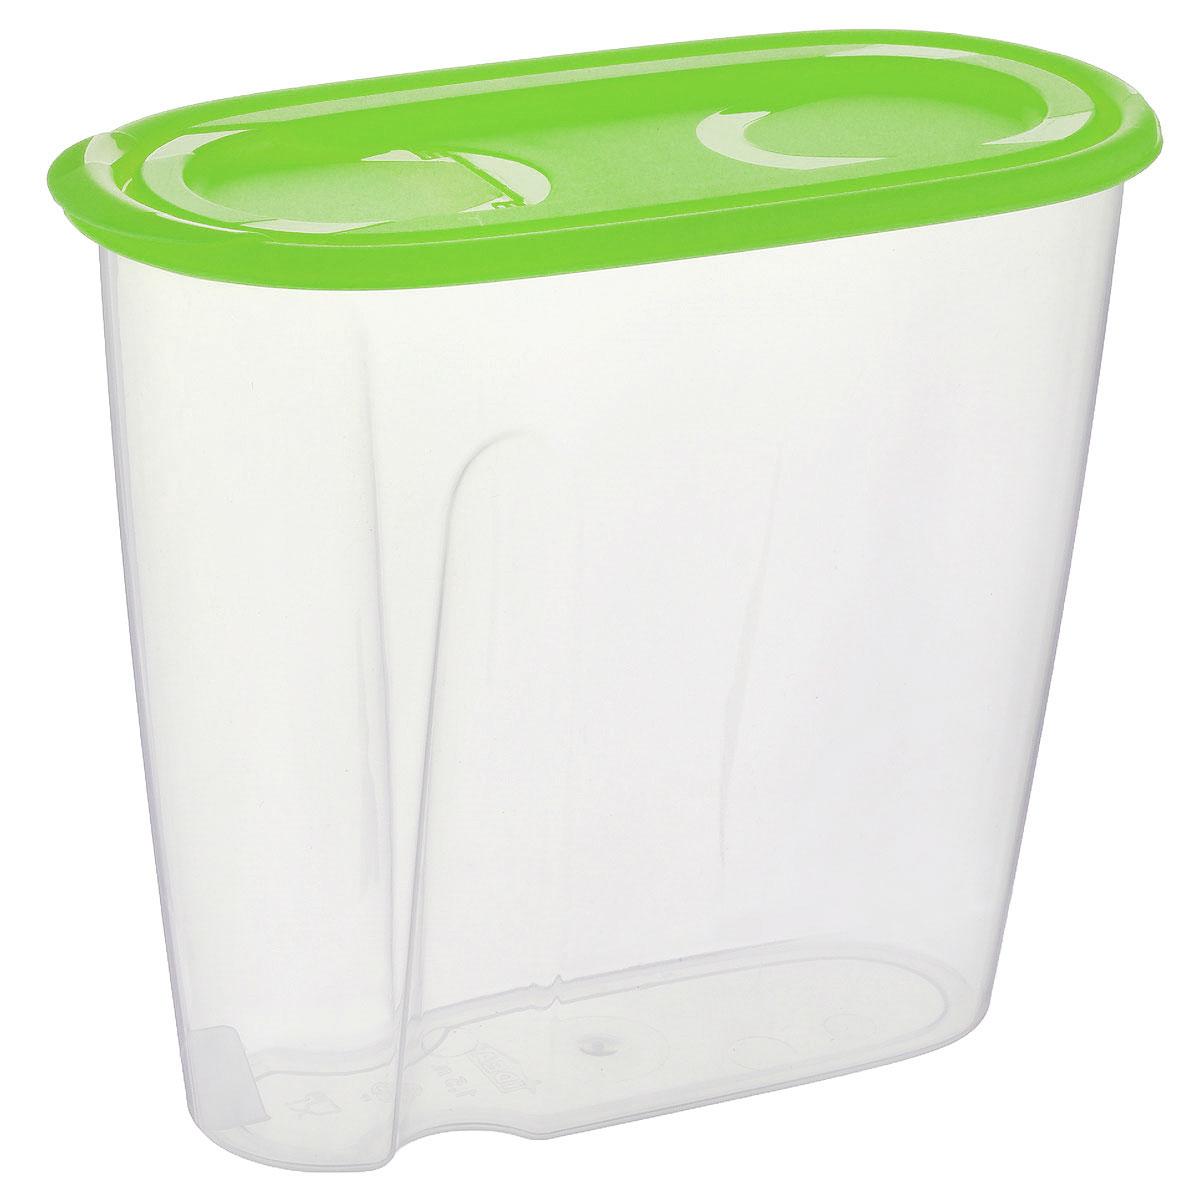 Емкость для сыпучих продуктов Idea, цвет: прозрачный, салатовый, 1,5 лМ 1221Емкость Idea выполнена из пищевого полипропилена и предназначена для хранения сыпучих продуктов, в том числе с ярко выраженным запахом (чай, кофе, специи). Не содержит Бисфенол A. Изделие оснащено плотно закрывающейся крышкой, благодаря которой продукты не выдыхаются и дольше остаются свежими. Овальная форма и специальные углубления помогают комфортно удерживать емкость в руке.